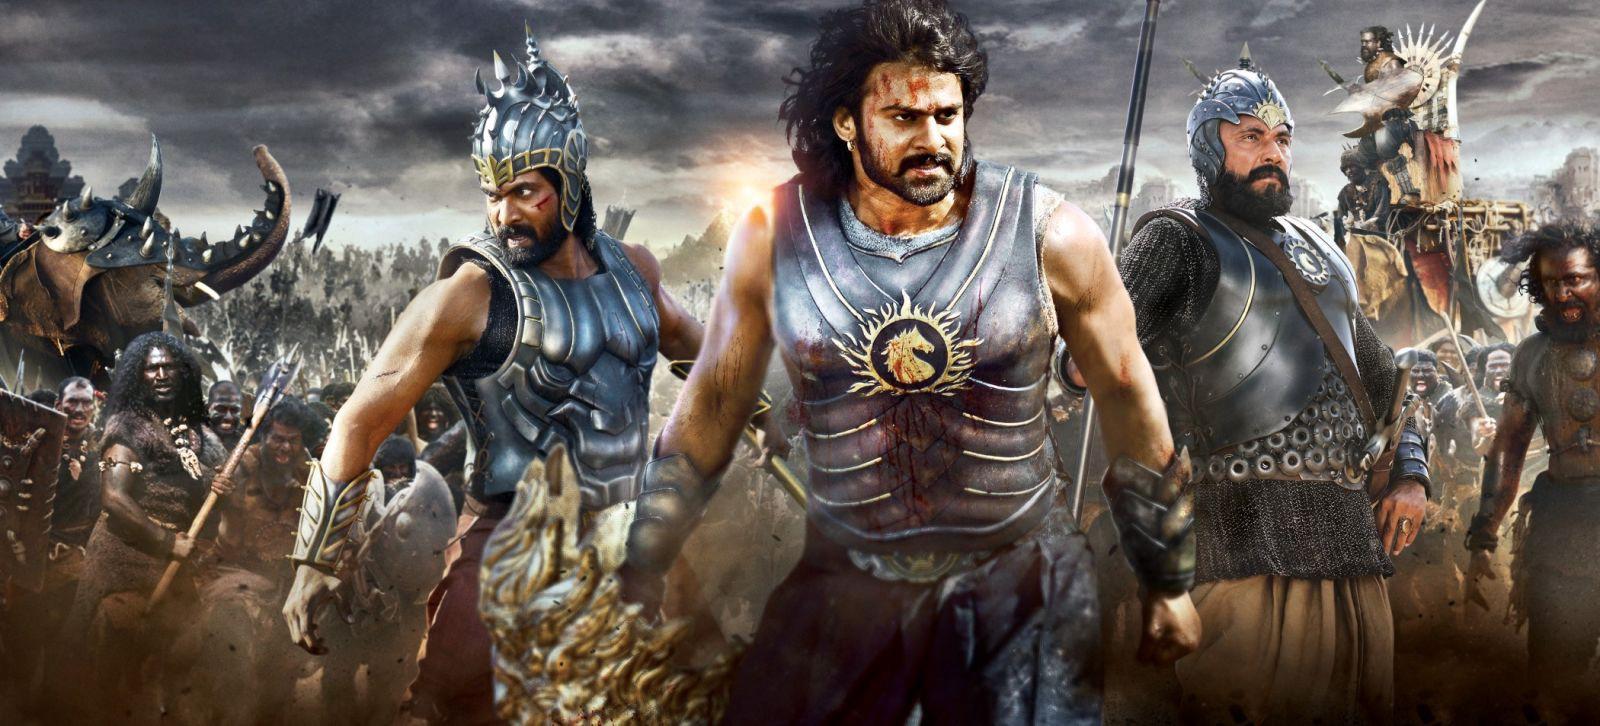 Bahubali Full Movie